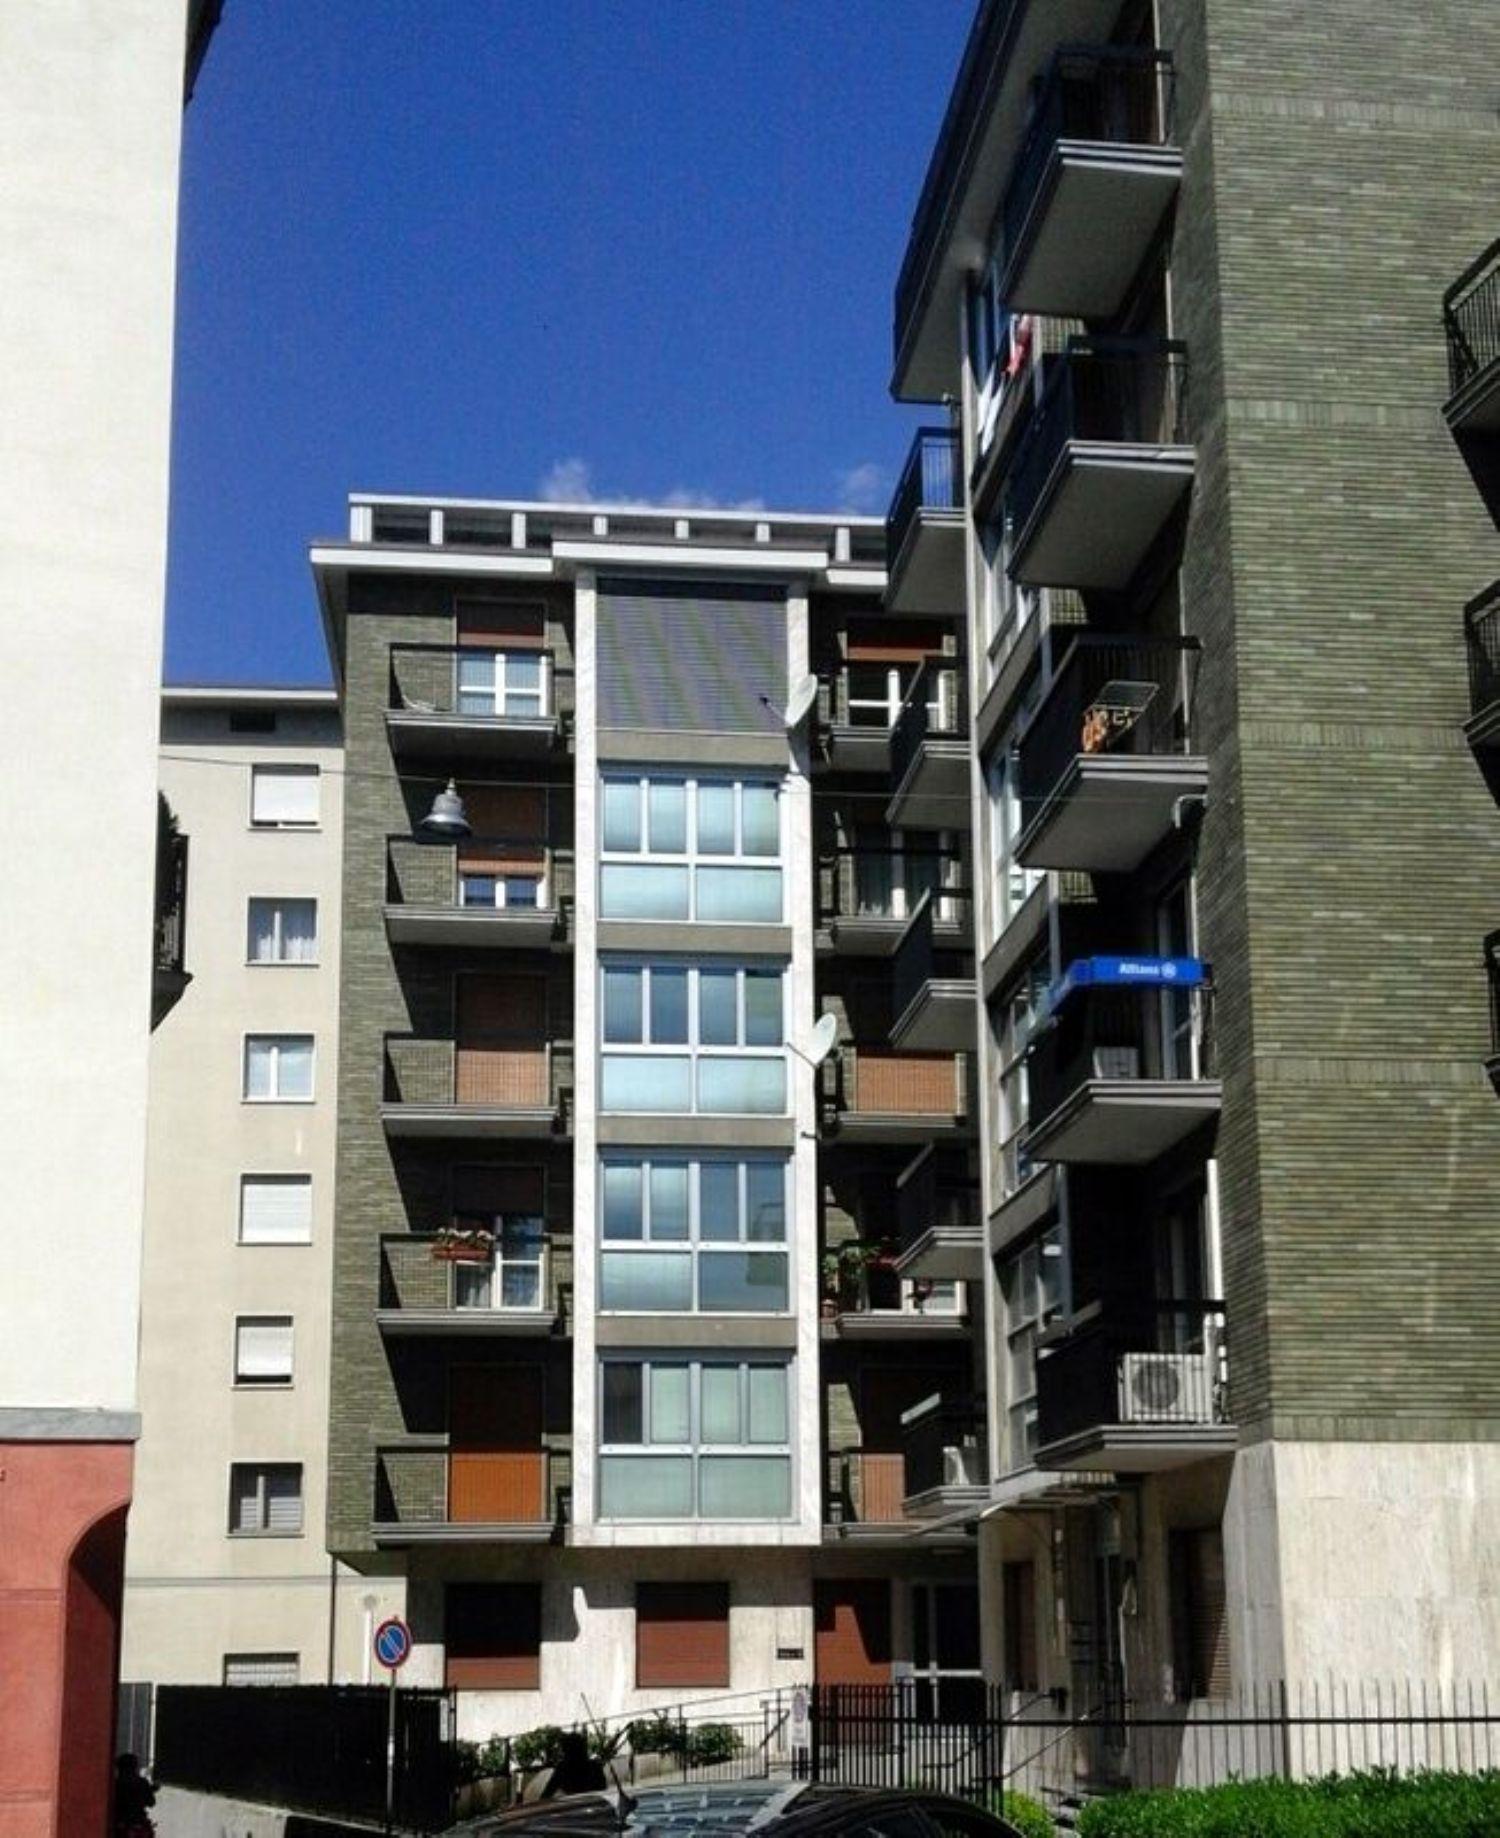 Immobile Commerciale in affitto a Sondrio, 9999 locali, prezzo € 700 | Cambio Casa.it